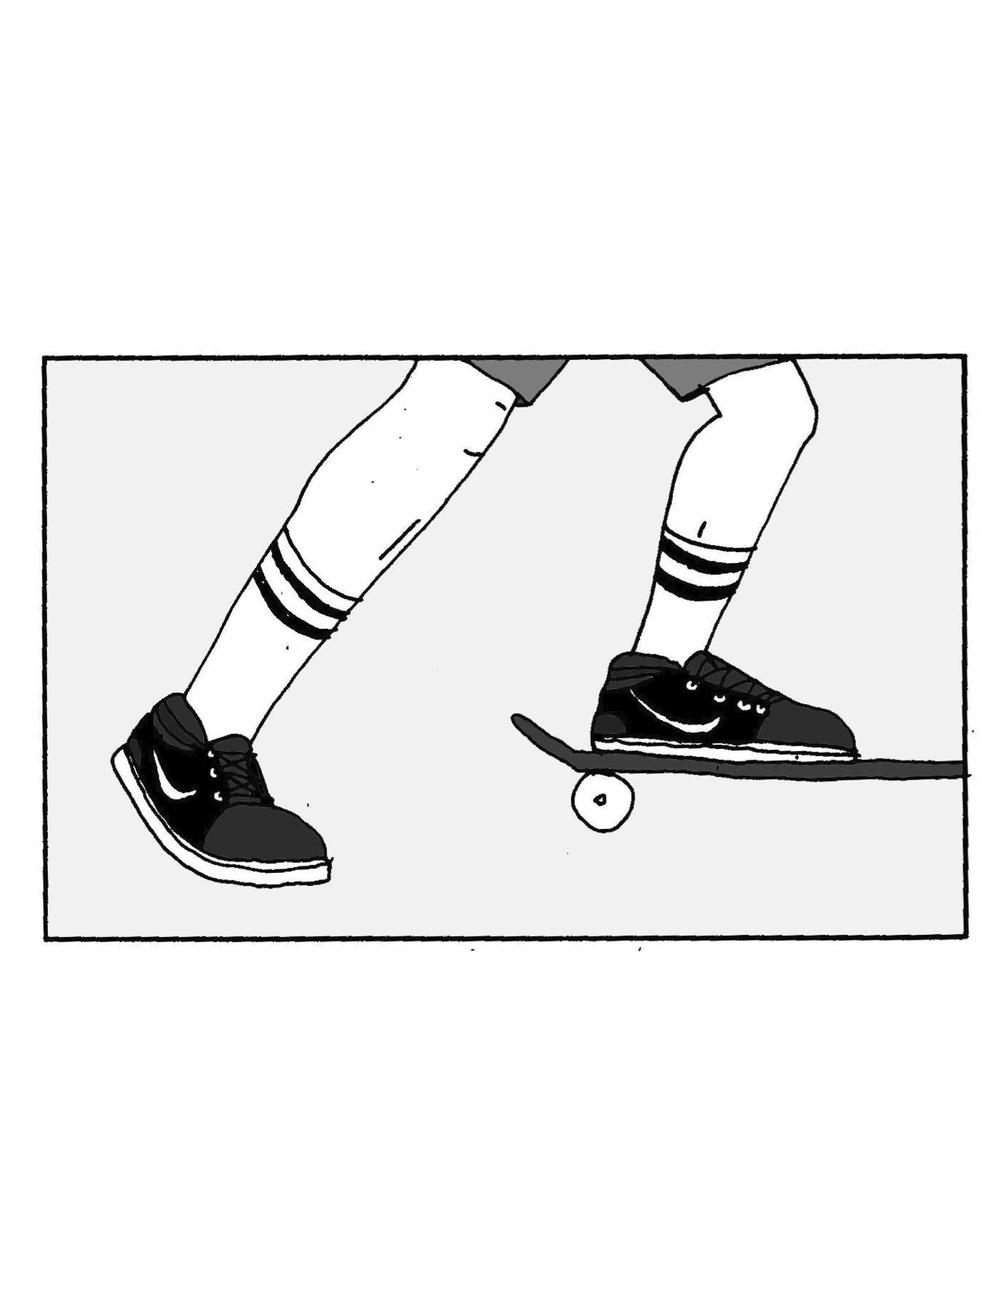 NikeSB4.jpg